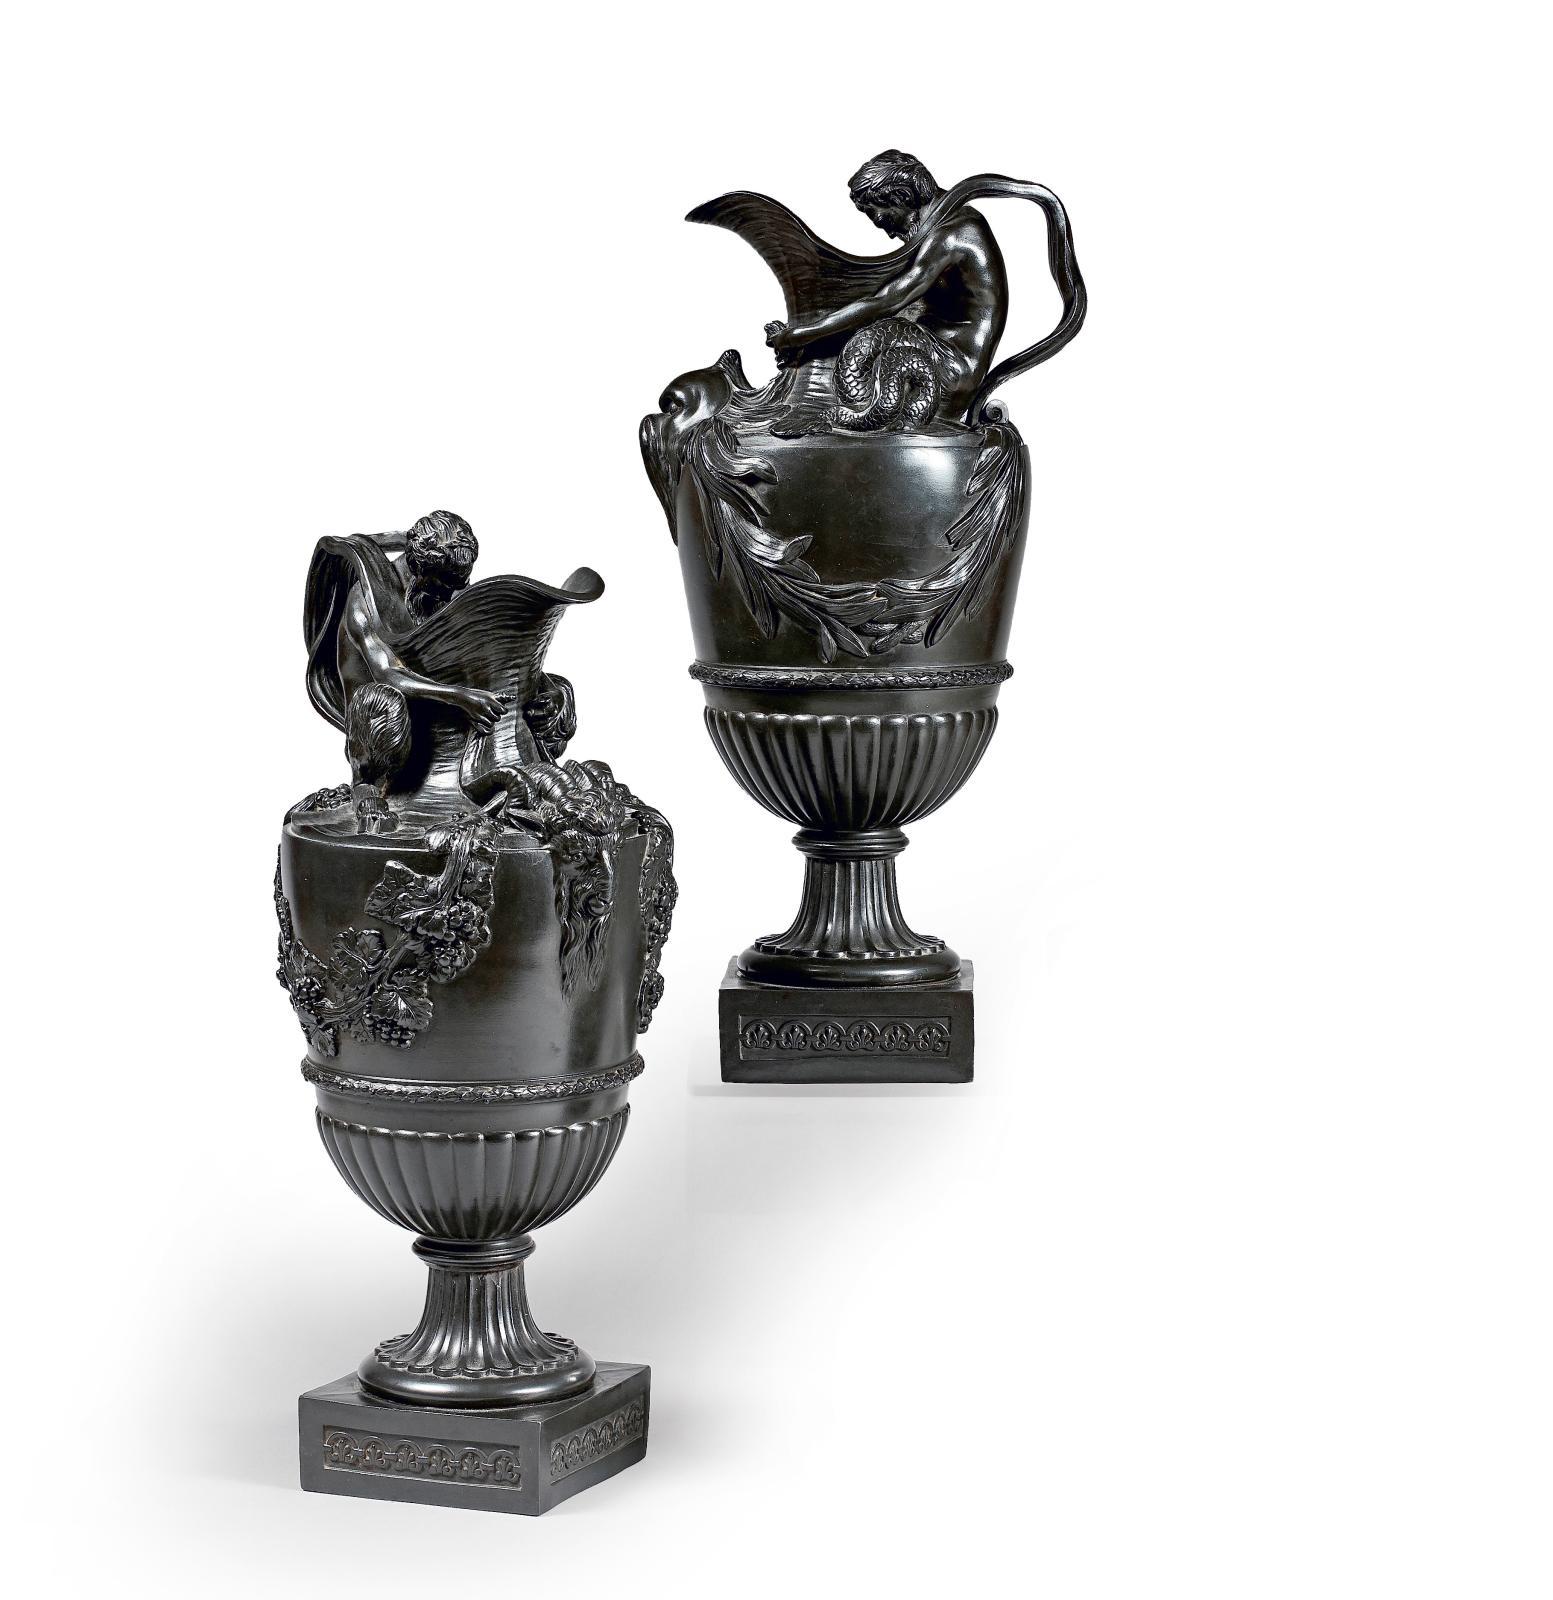 Wedgwood, fin du XVIIIesiècle. Paire d'aiguières en «black basalt» (l'une reproduite) munies d'anses en forme de satyre, modèle d'après S